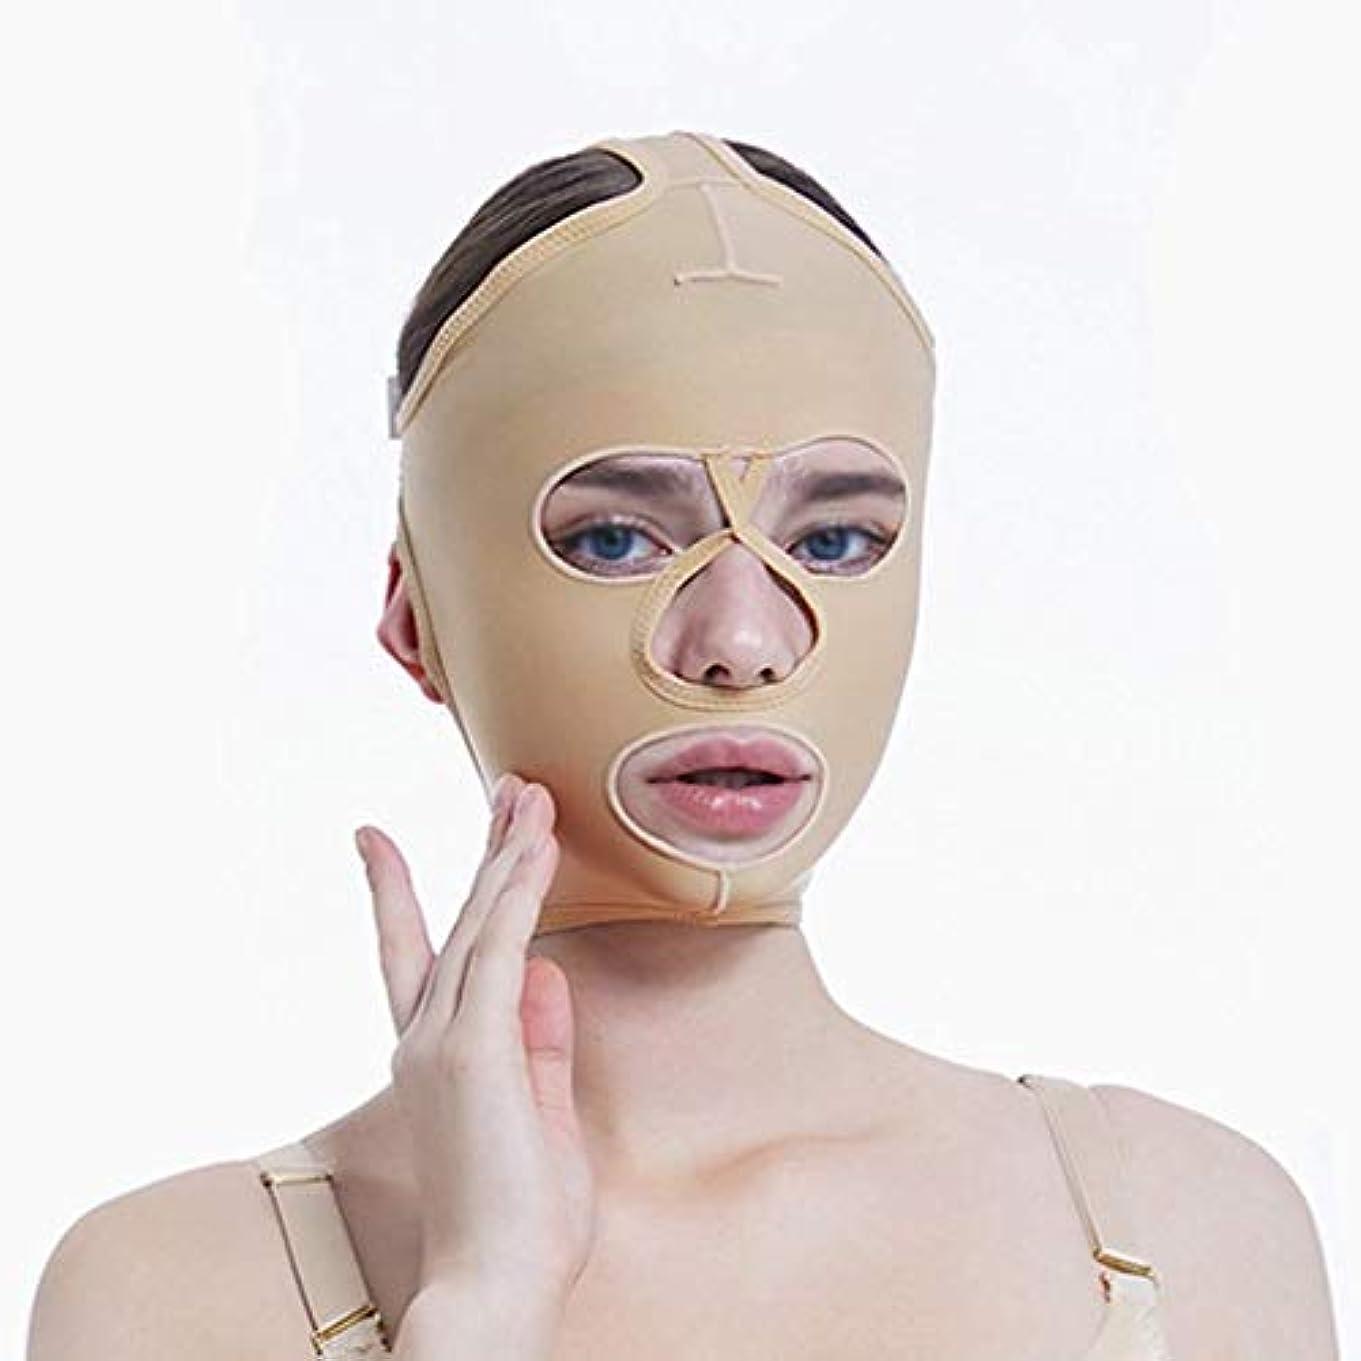 年スペクトラムボイラーチンリフティングベルト、超薄型ベルト、引き締めマスク、包帯吊り、フェイスリフティングマスク、超薄型ベルト、通気性(サイズ:L),XL